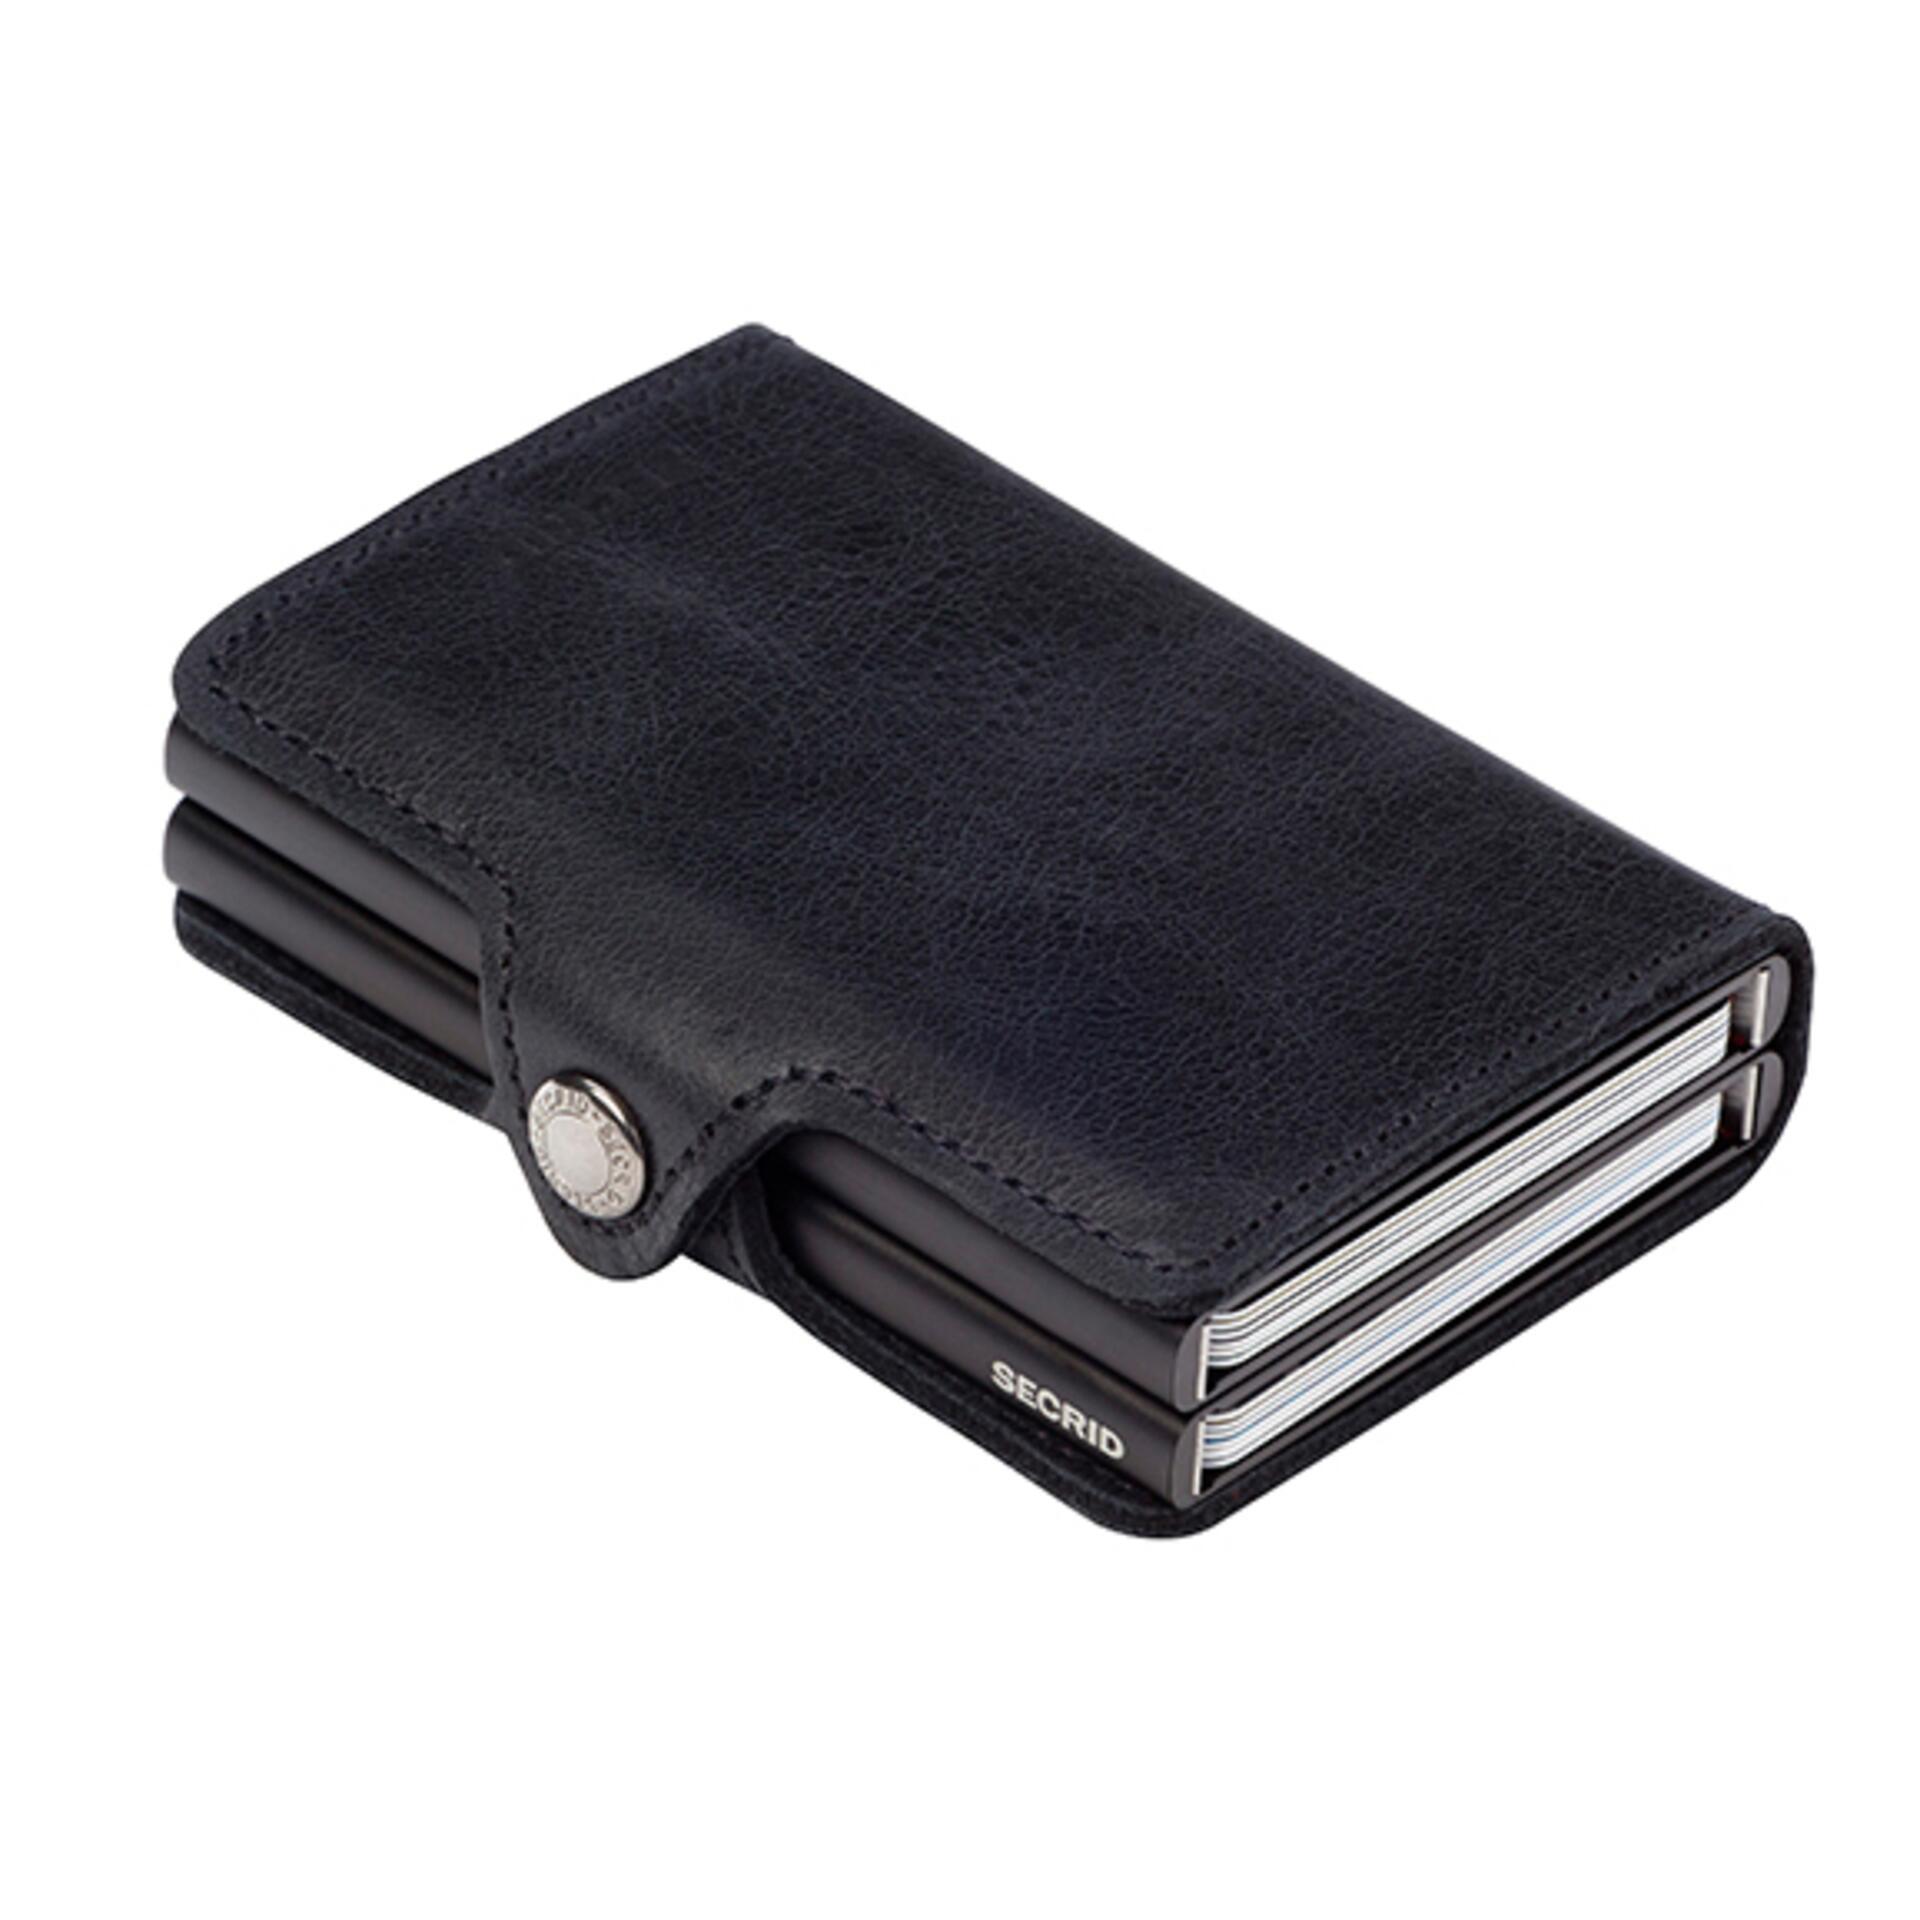 Secrid Twinwallet Vintage Black Leder